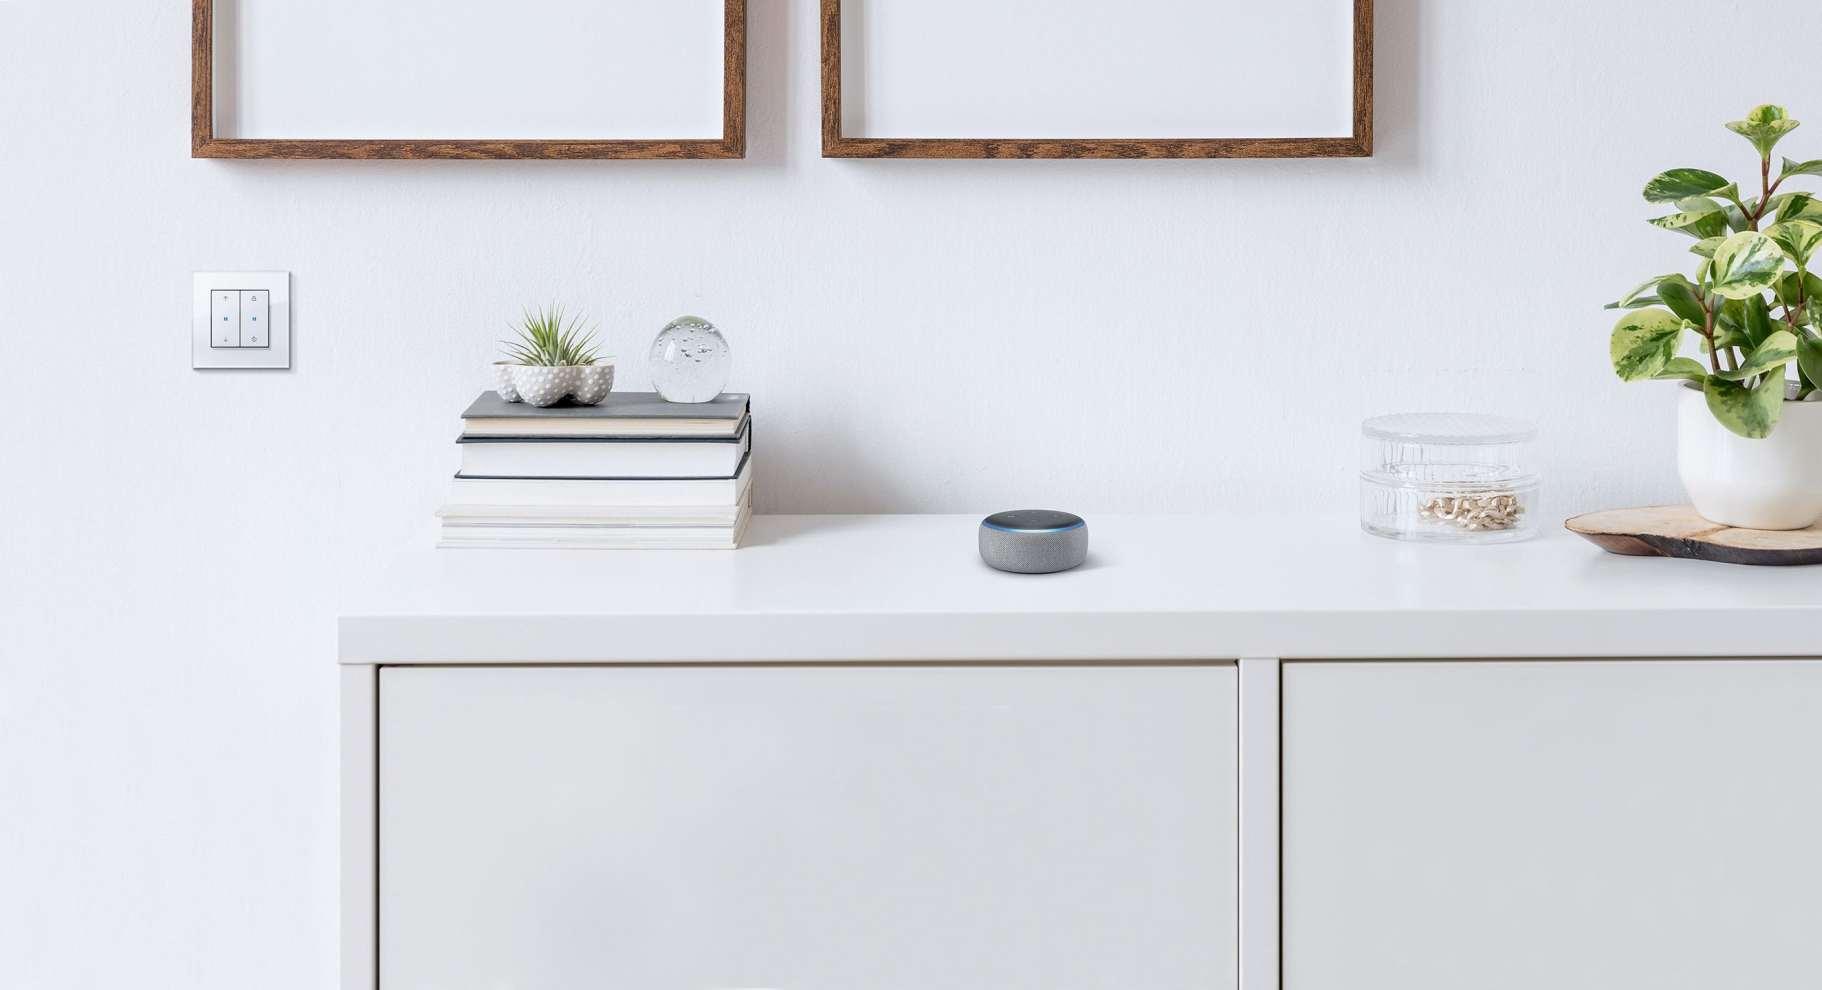 Gira eNet Sprachsteuerung mit Amazon Alexa